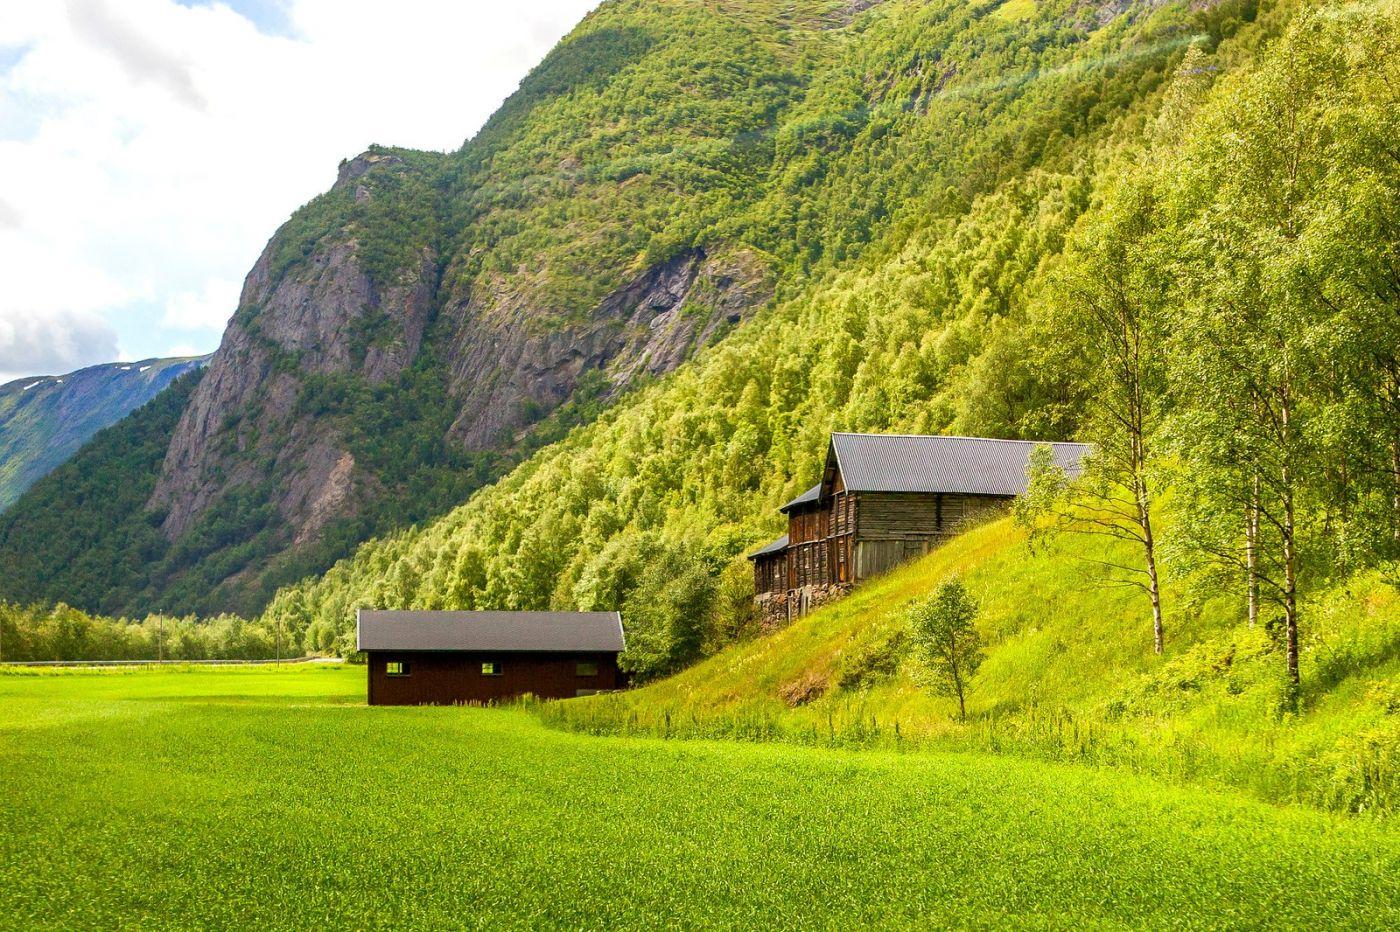 北欧旅途,美丽的田园_图1-6